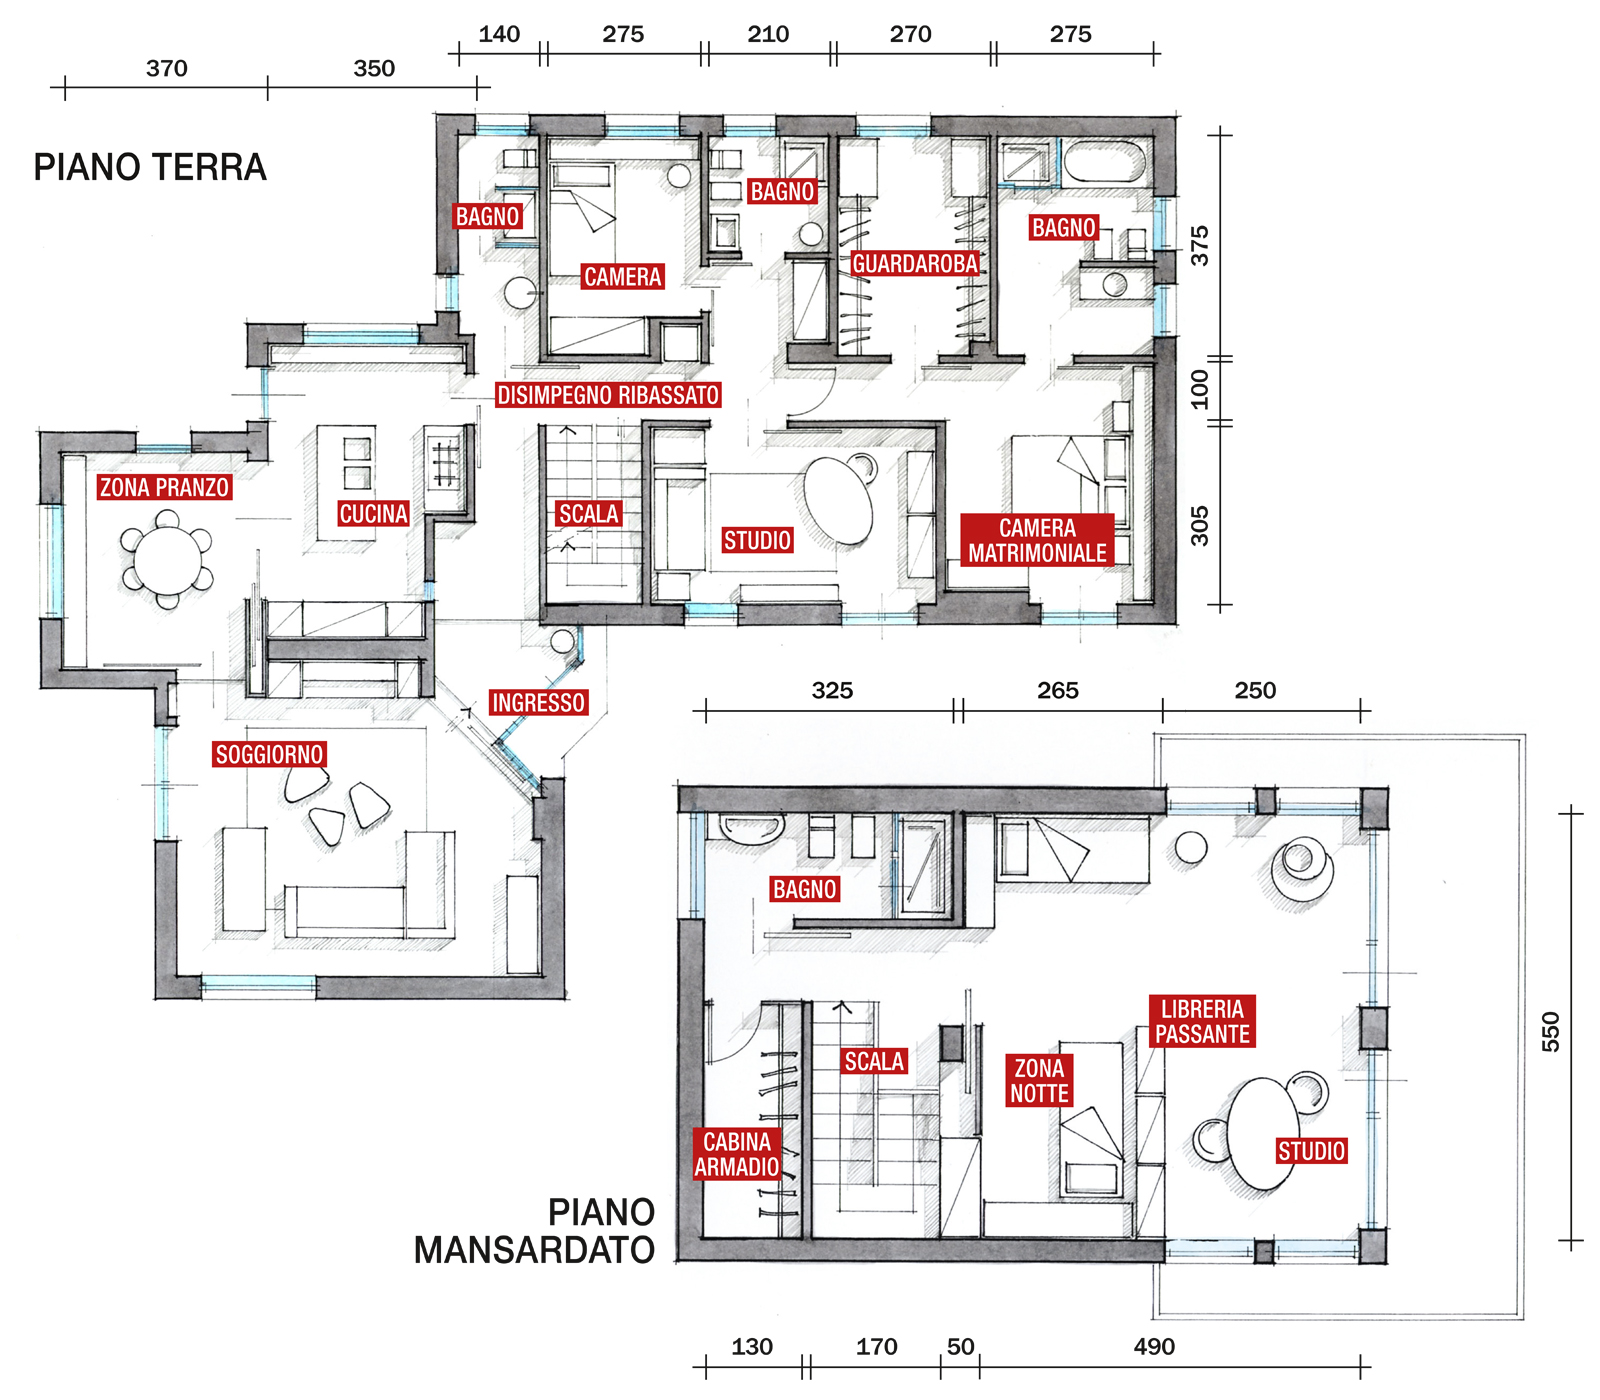 142 casa progetto casa in legno bipiano urb11 urban